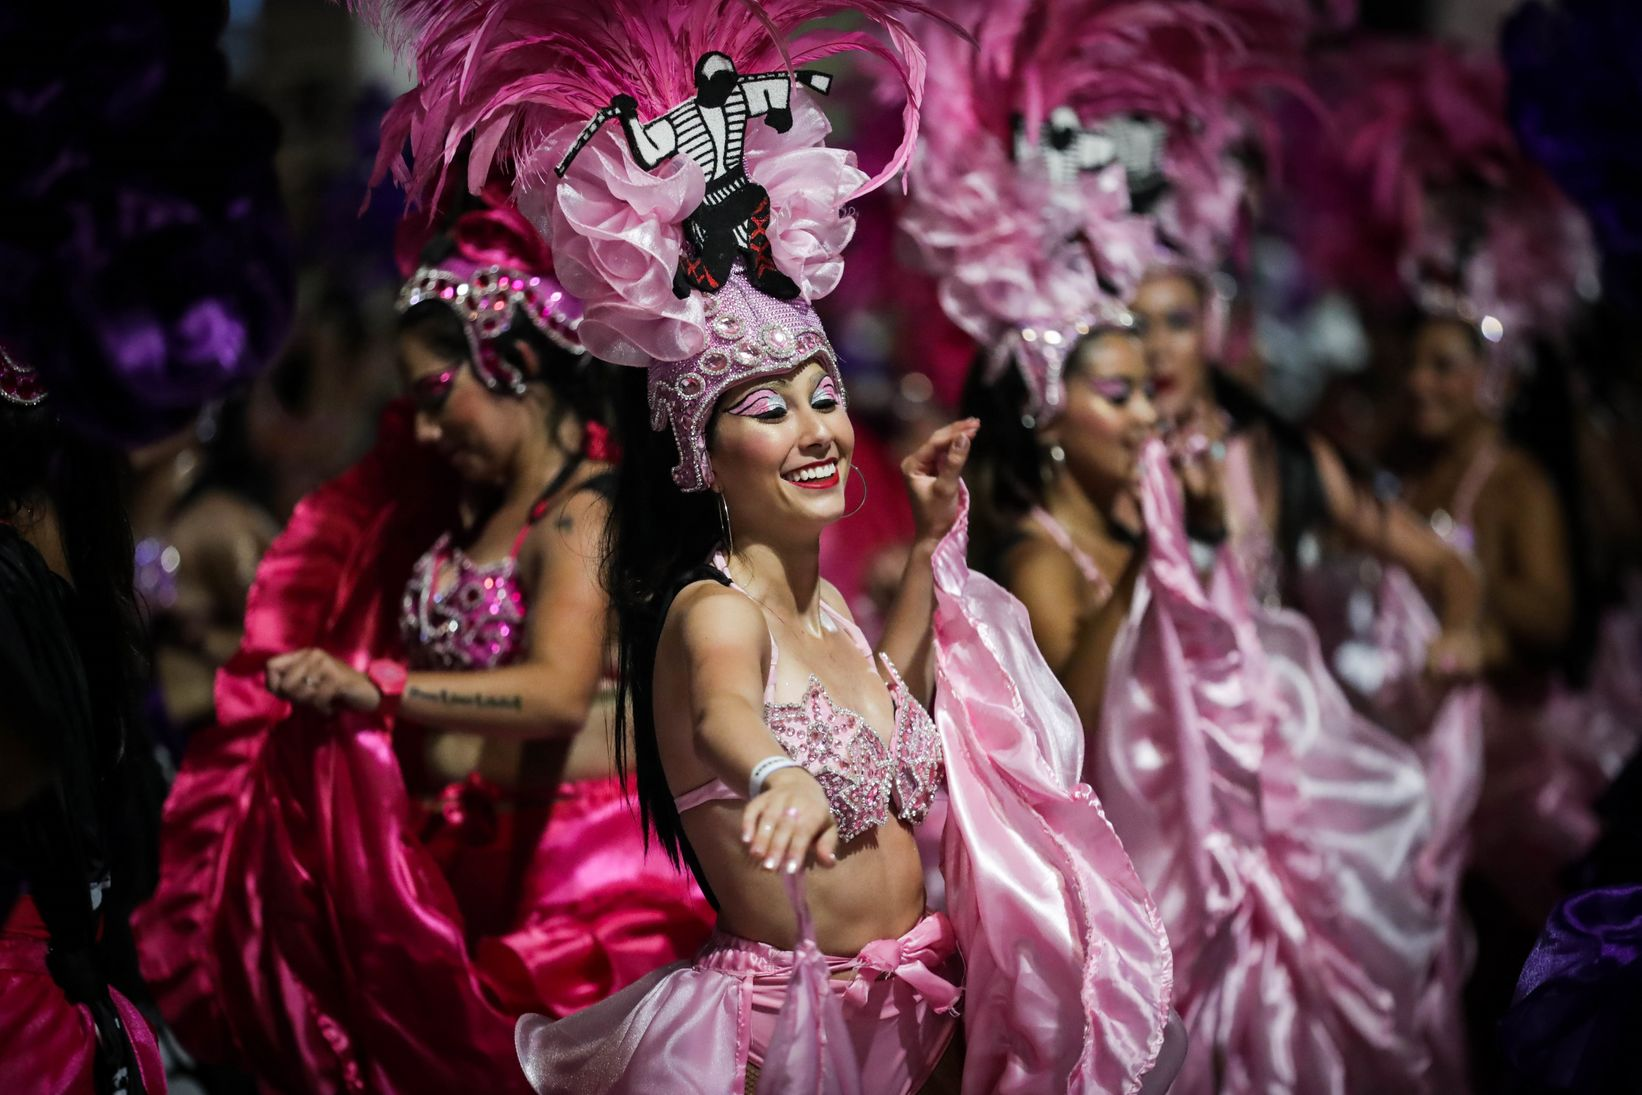 신종코로나도 두렵지 않아요. 카니발 축제로 들썩이는 지구촌